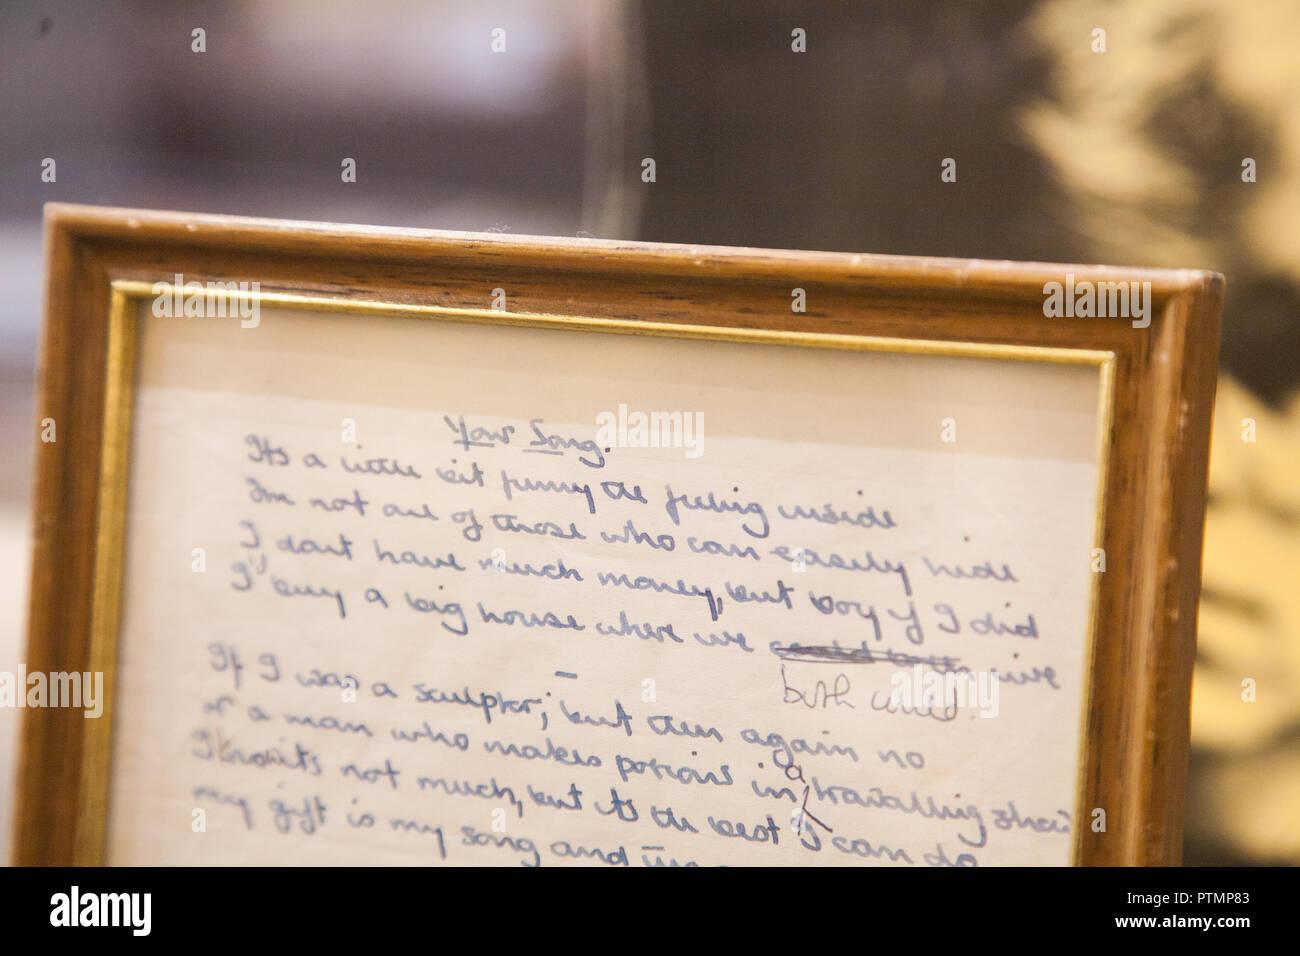 Handwritten Lyrics Stock Photos & Handwritten Lyrics Stock